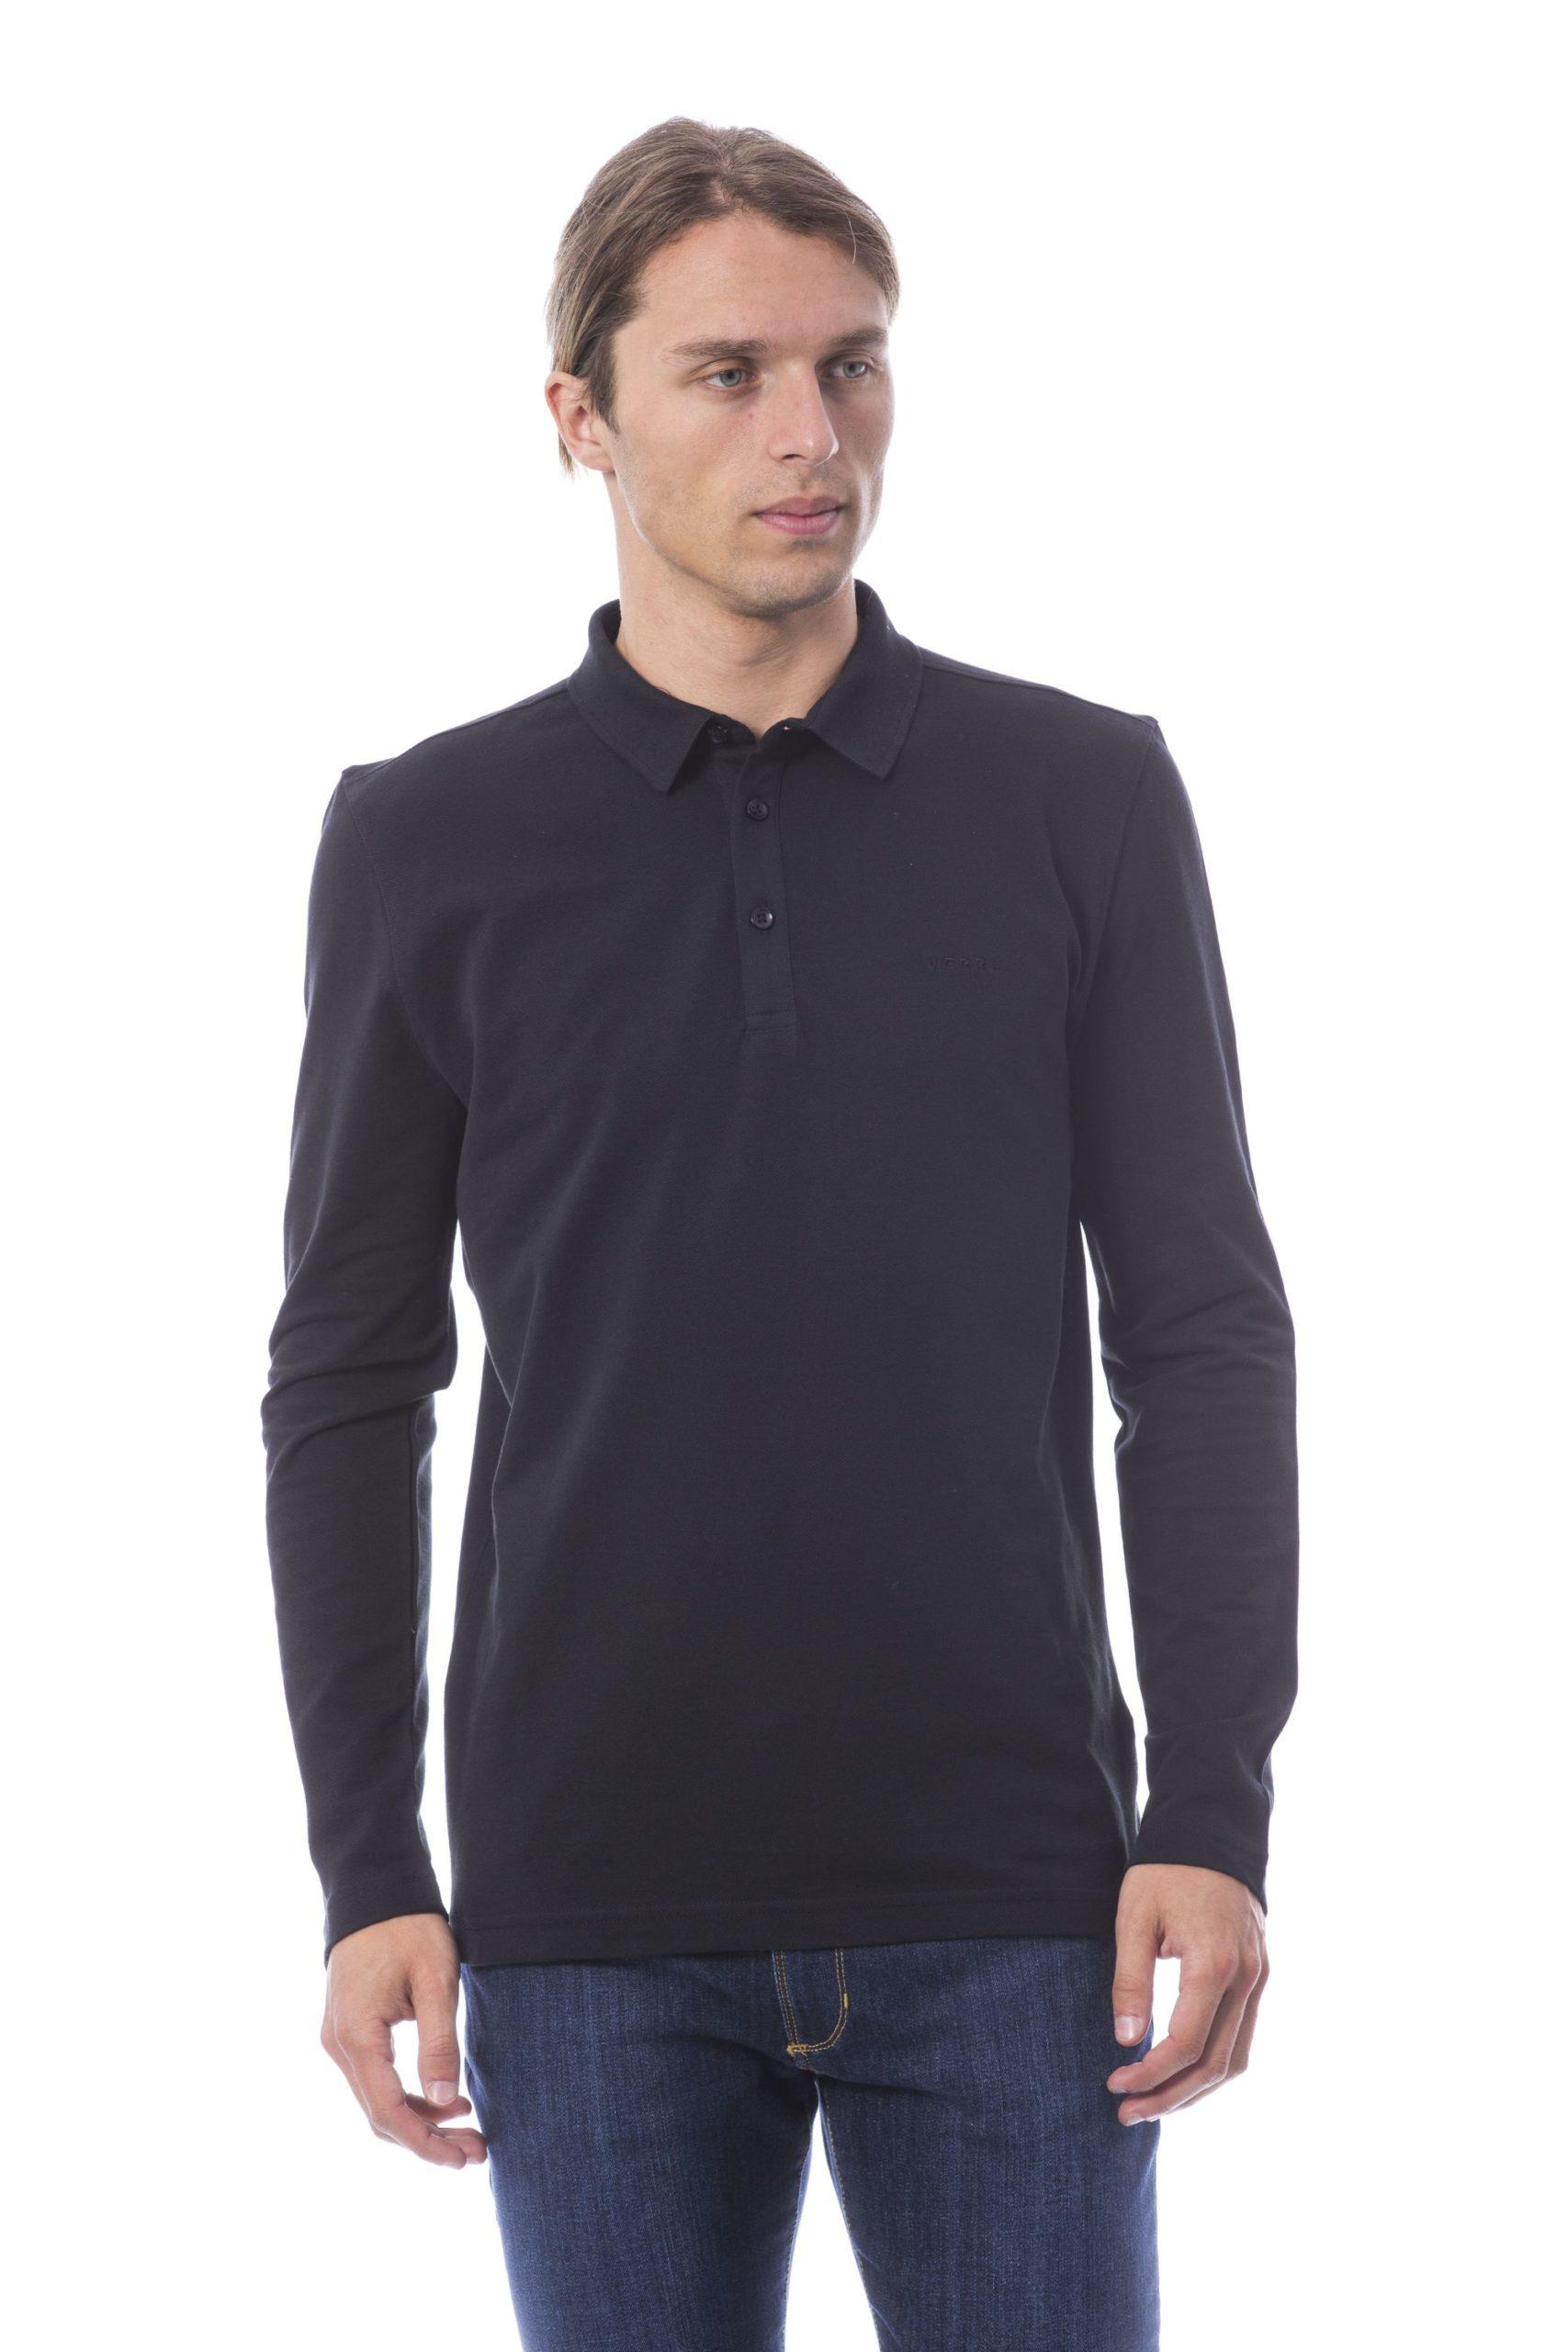 Verri Men's Vnero Polo Shirt Black VE995688 - L